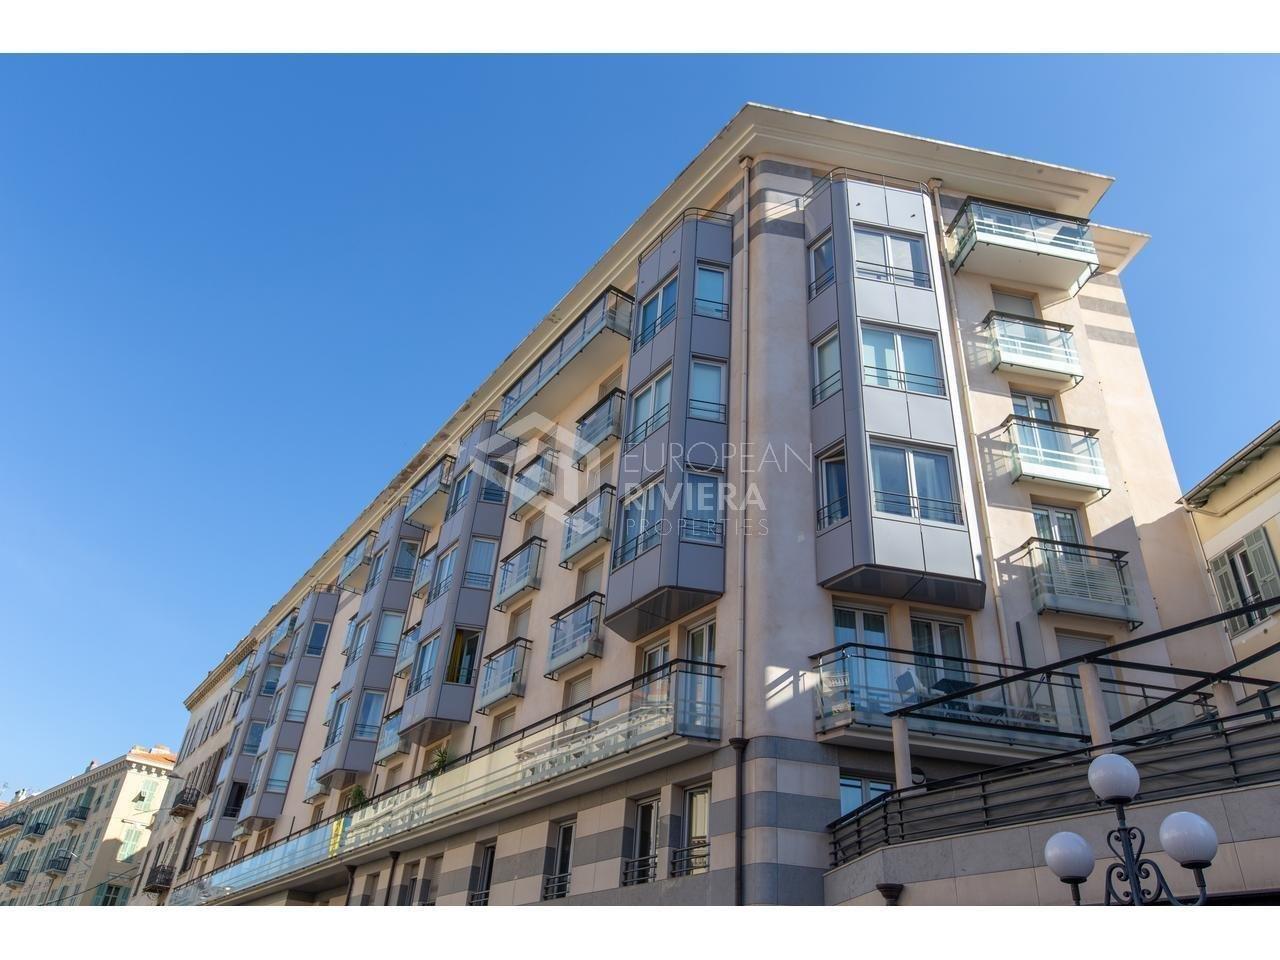 Vendita Appartamento - Nizza (Nice) Wilson